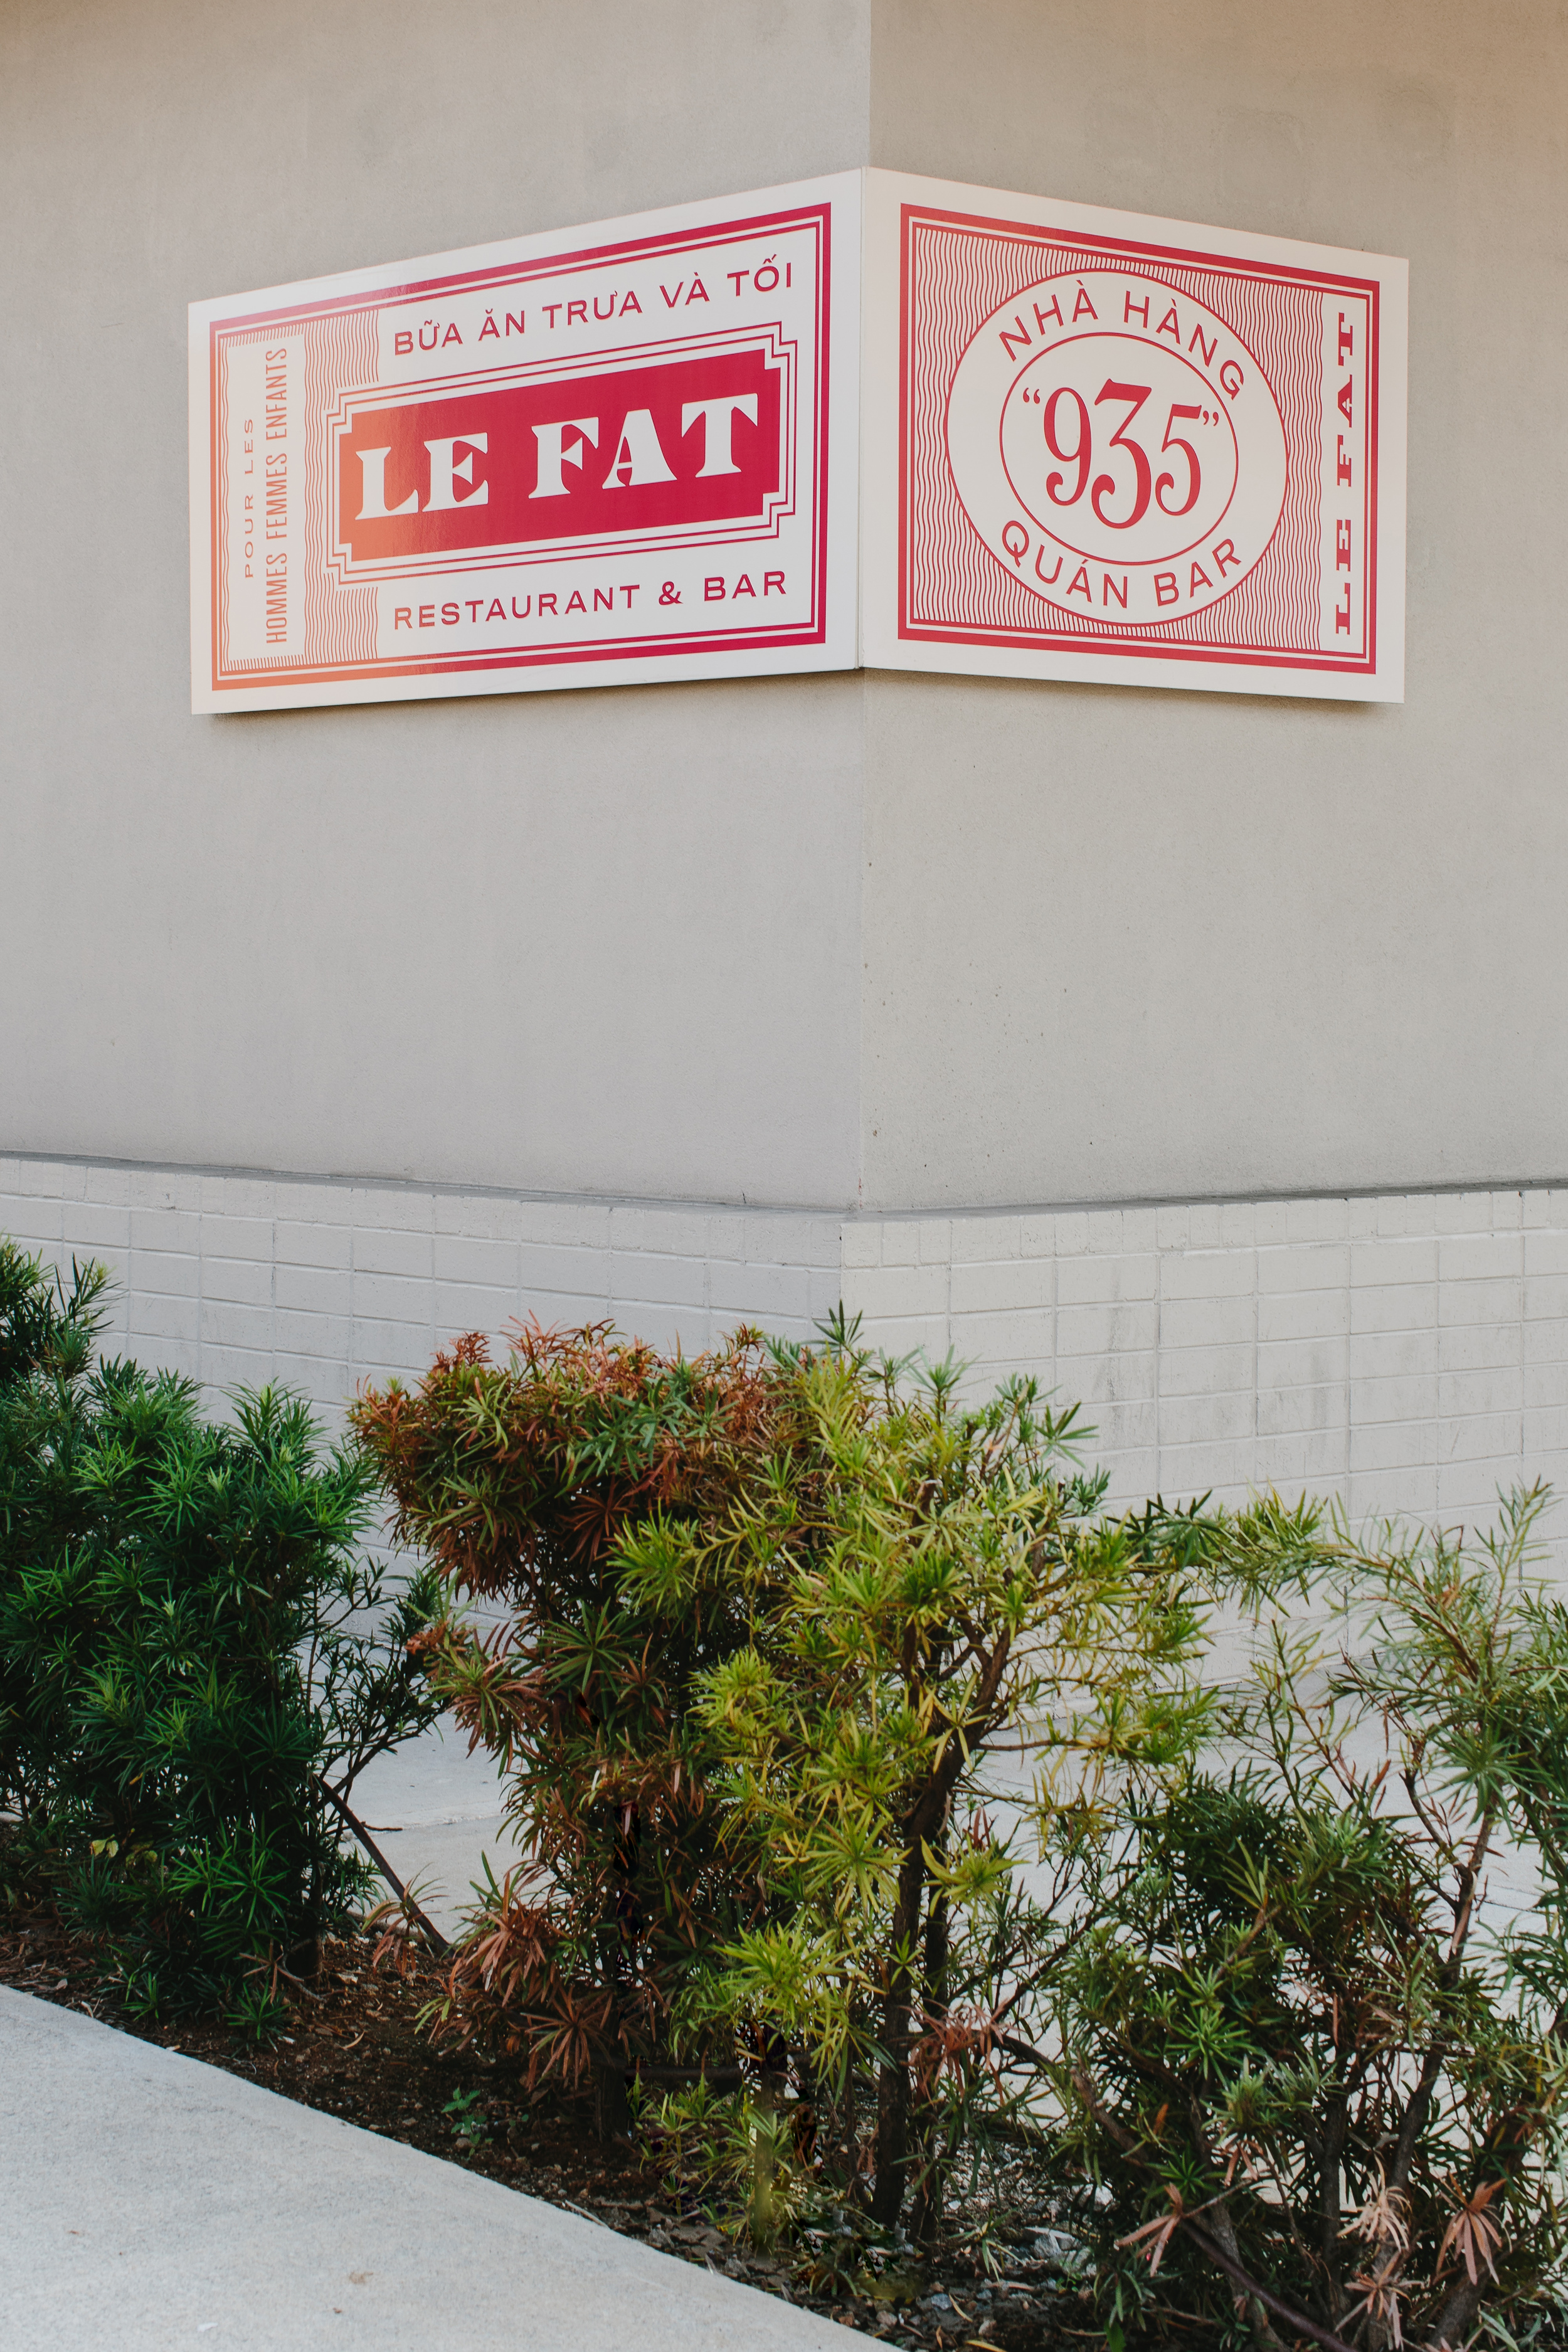 05fd943cde179 Le Fat — Smith Hanes